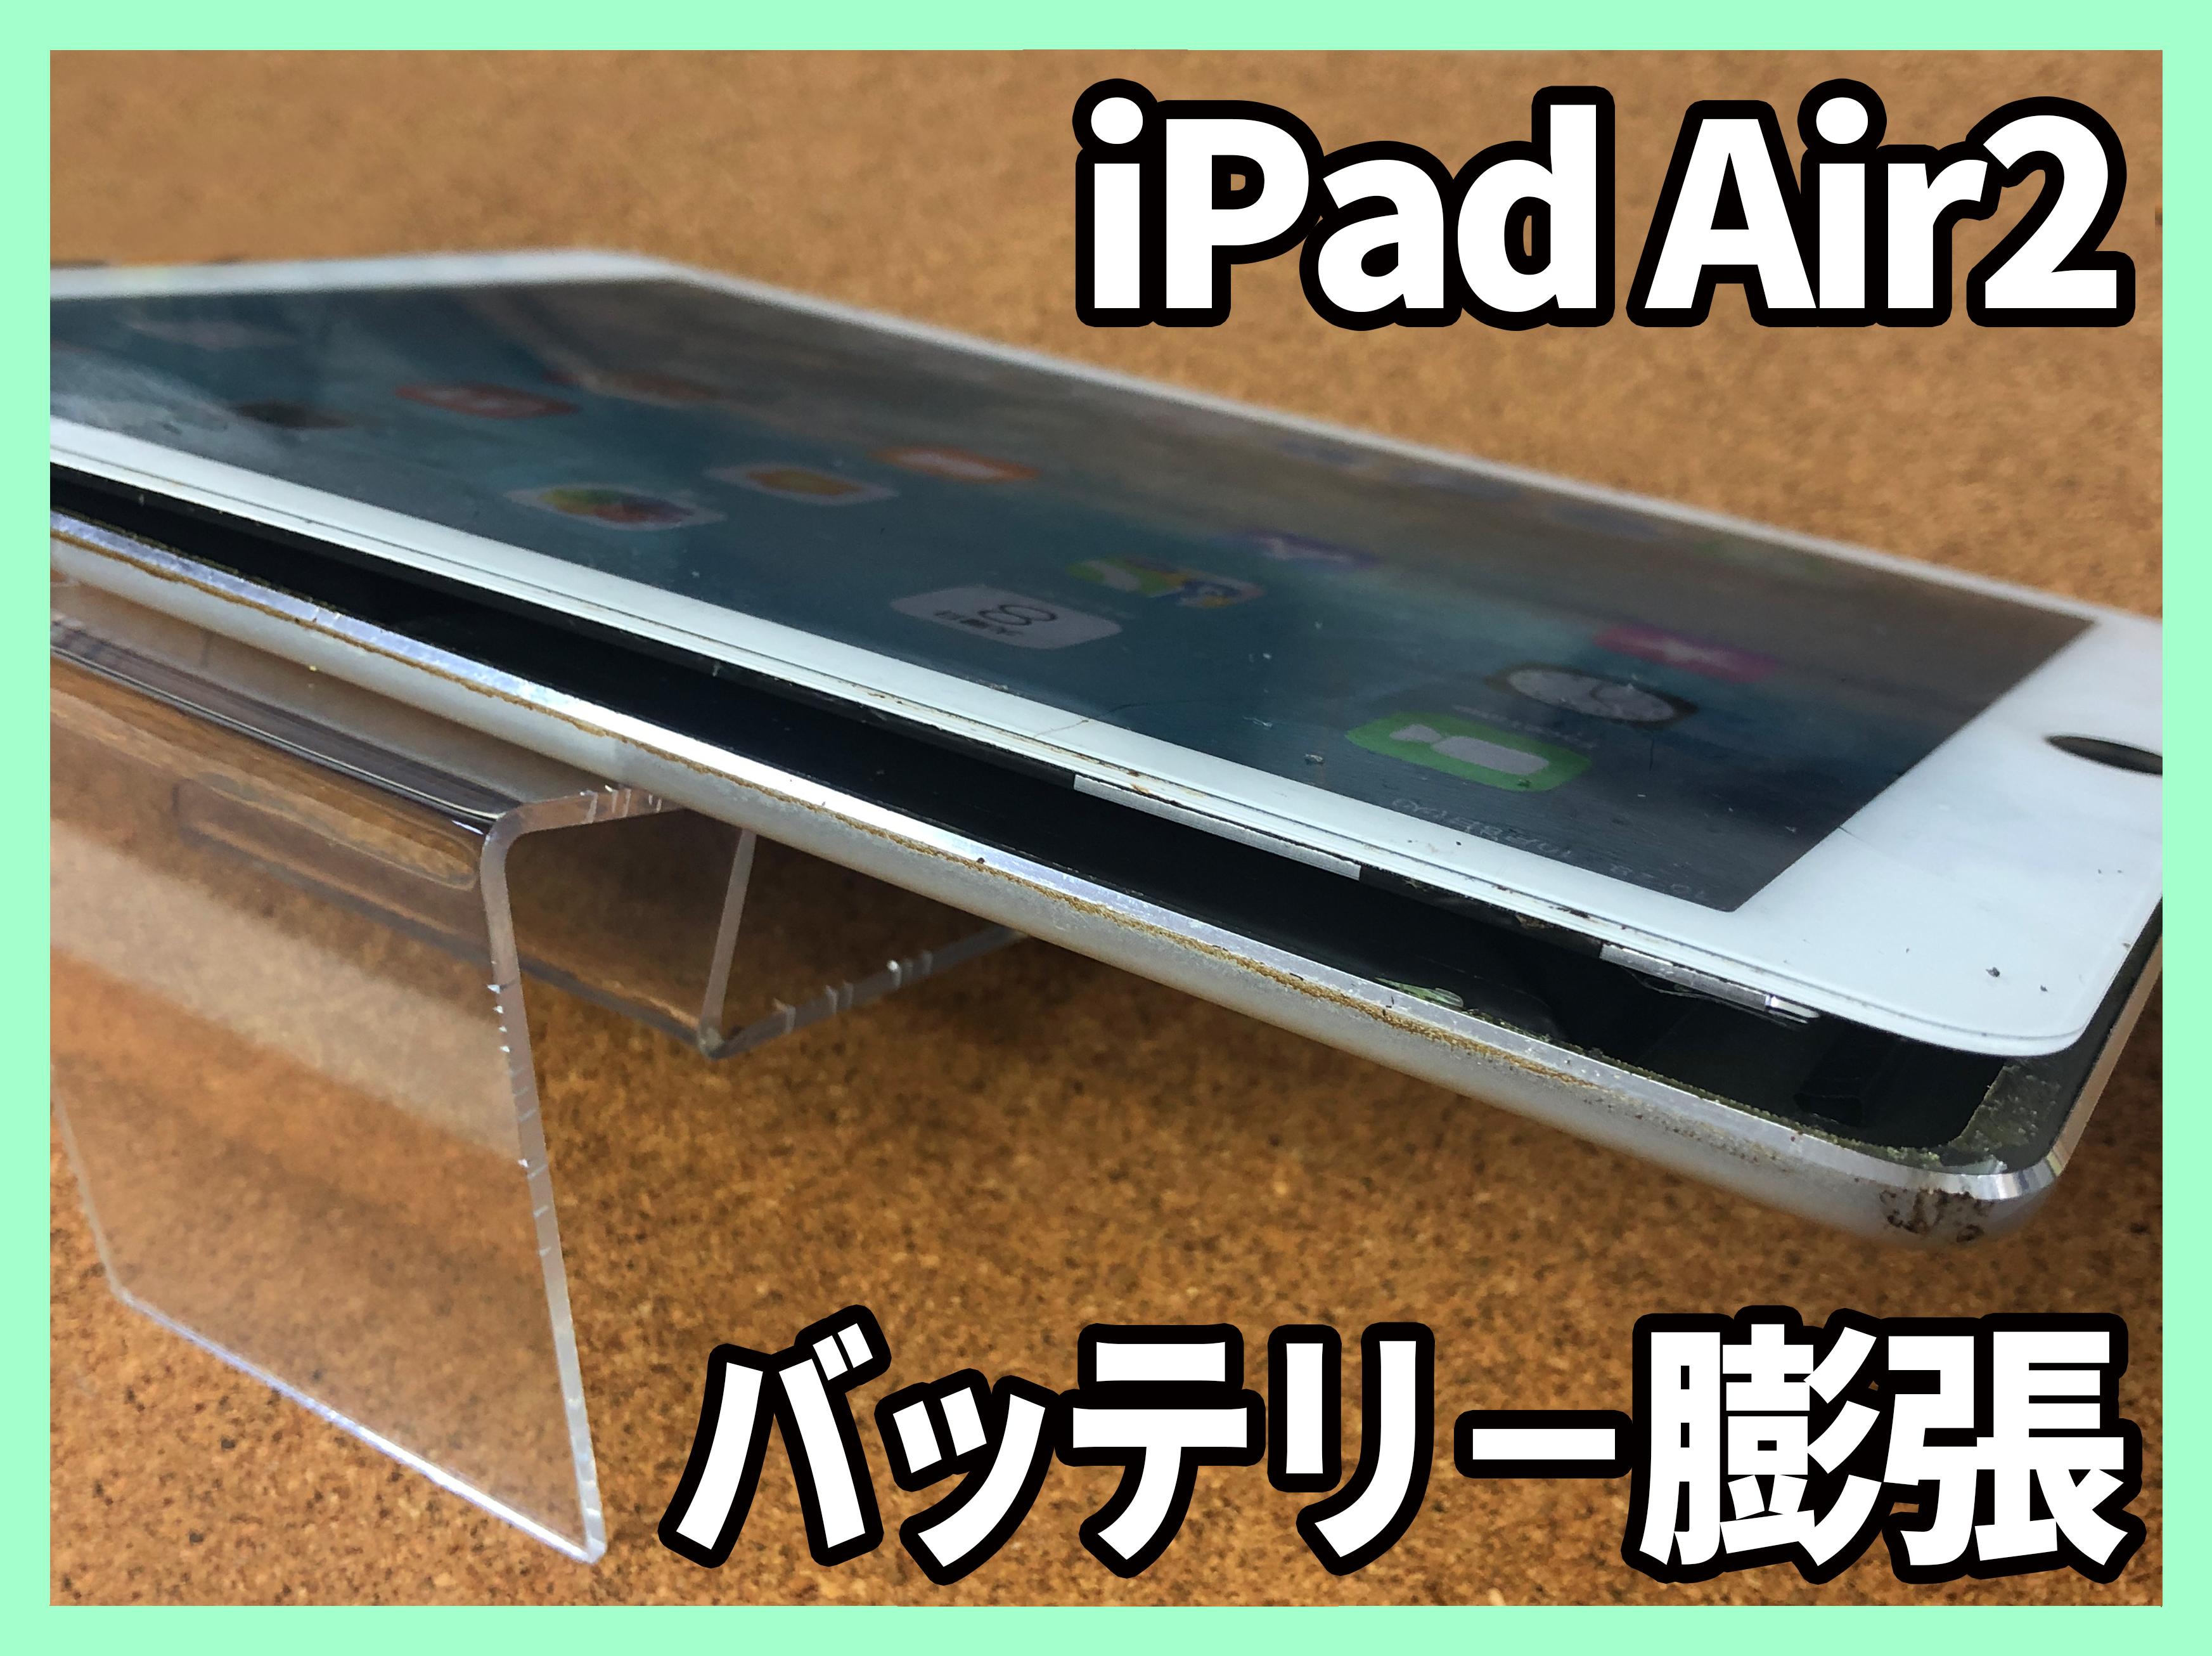 【iPad AIR2 バッテリー膨張 山梨県 甲府市】ipad air2 バッテリー交換 電池交換甲府市よりお越しのお客様です